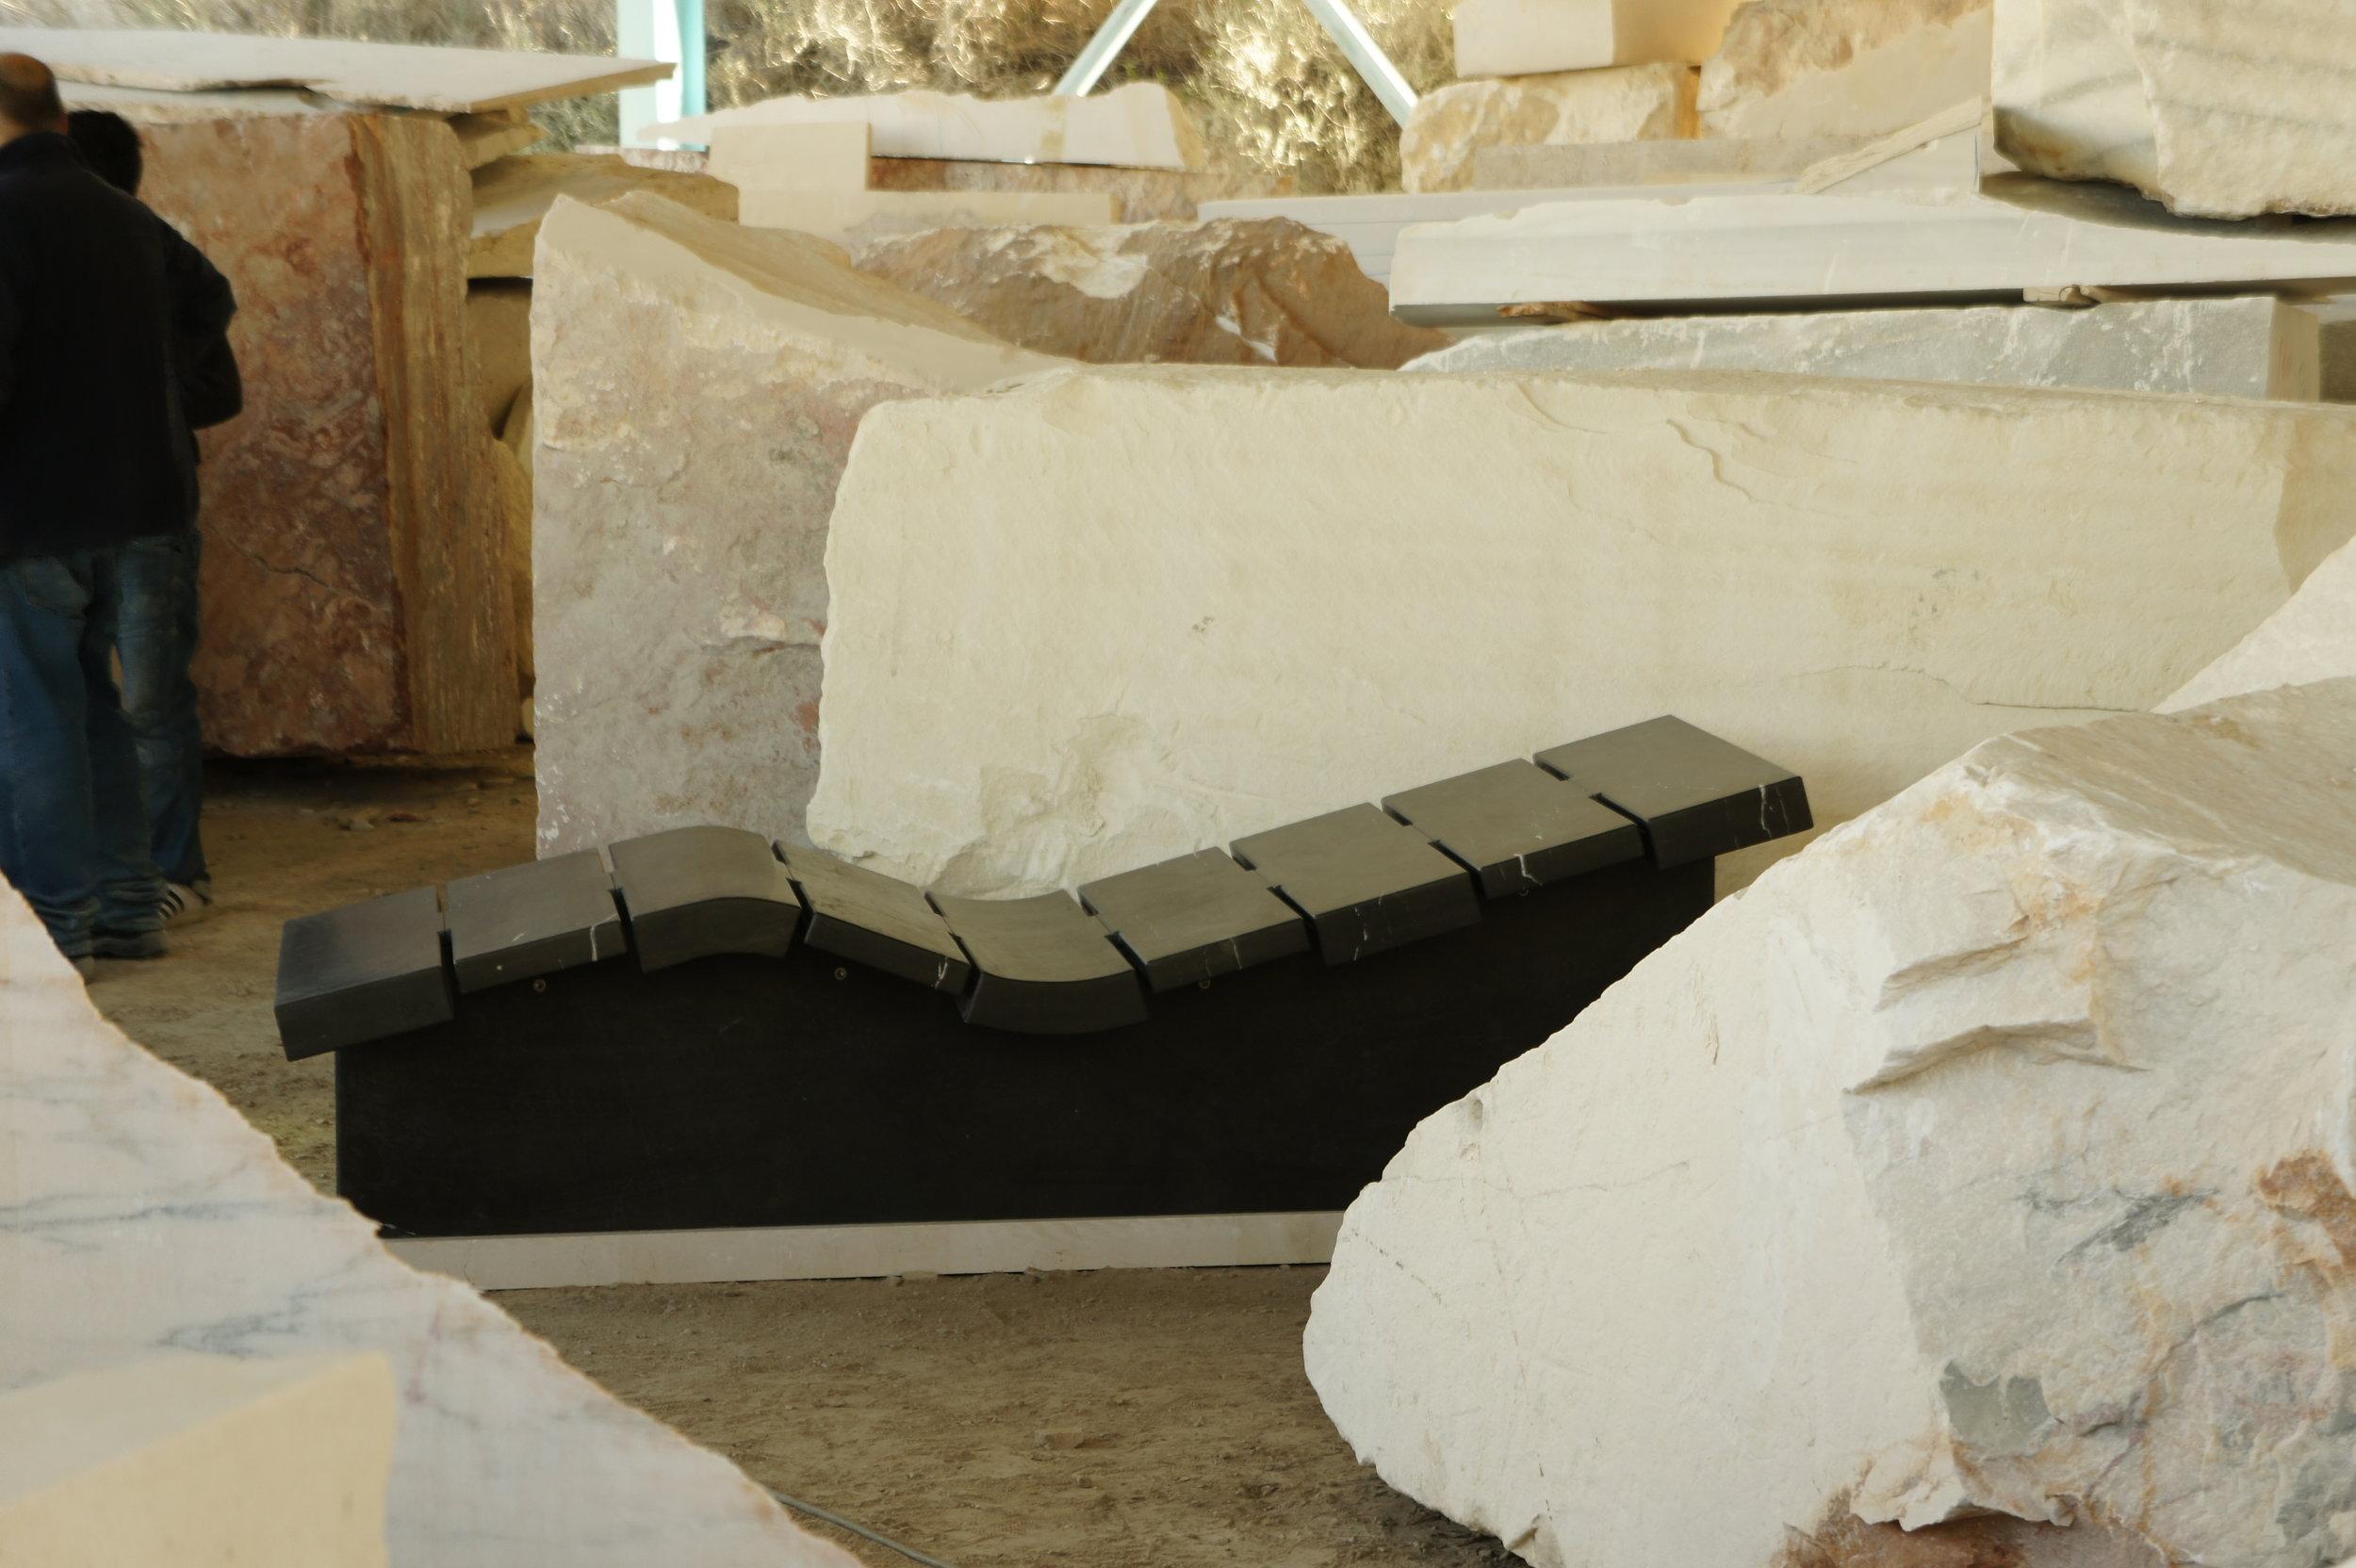 diseño-mobiliario-spa-hidromasaje-tumbona